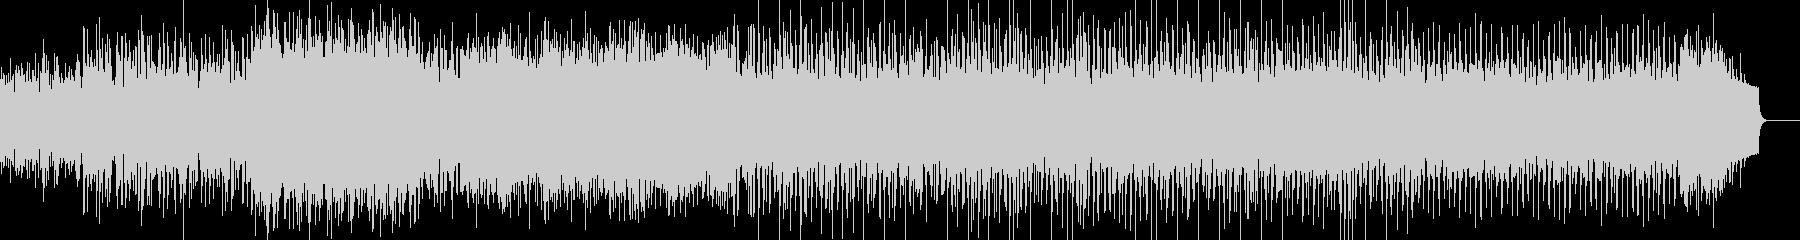 幻想的な曲:木琴 後半から四つ打ちの未再生の波形